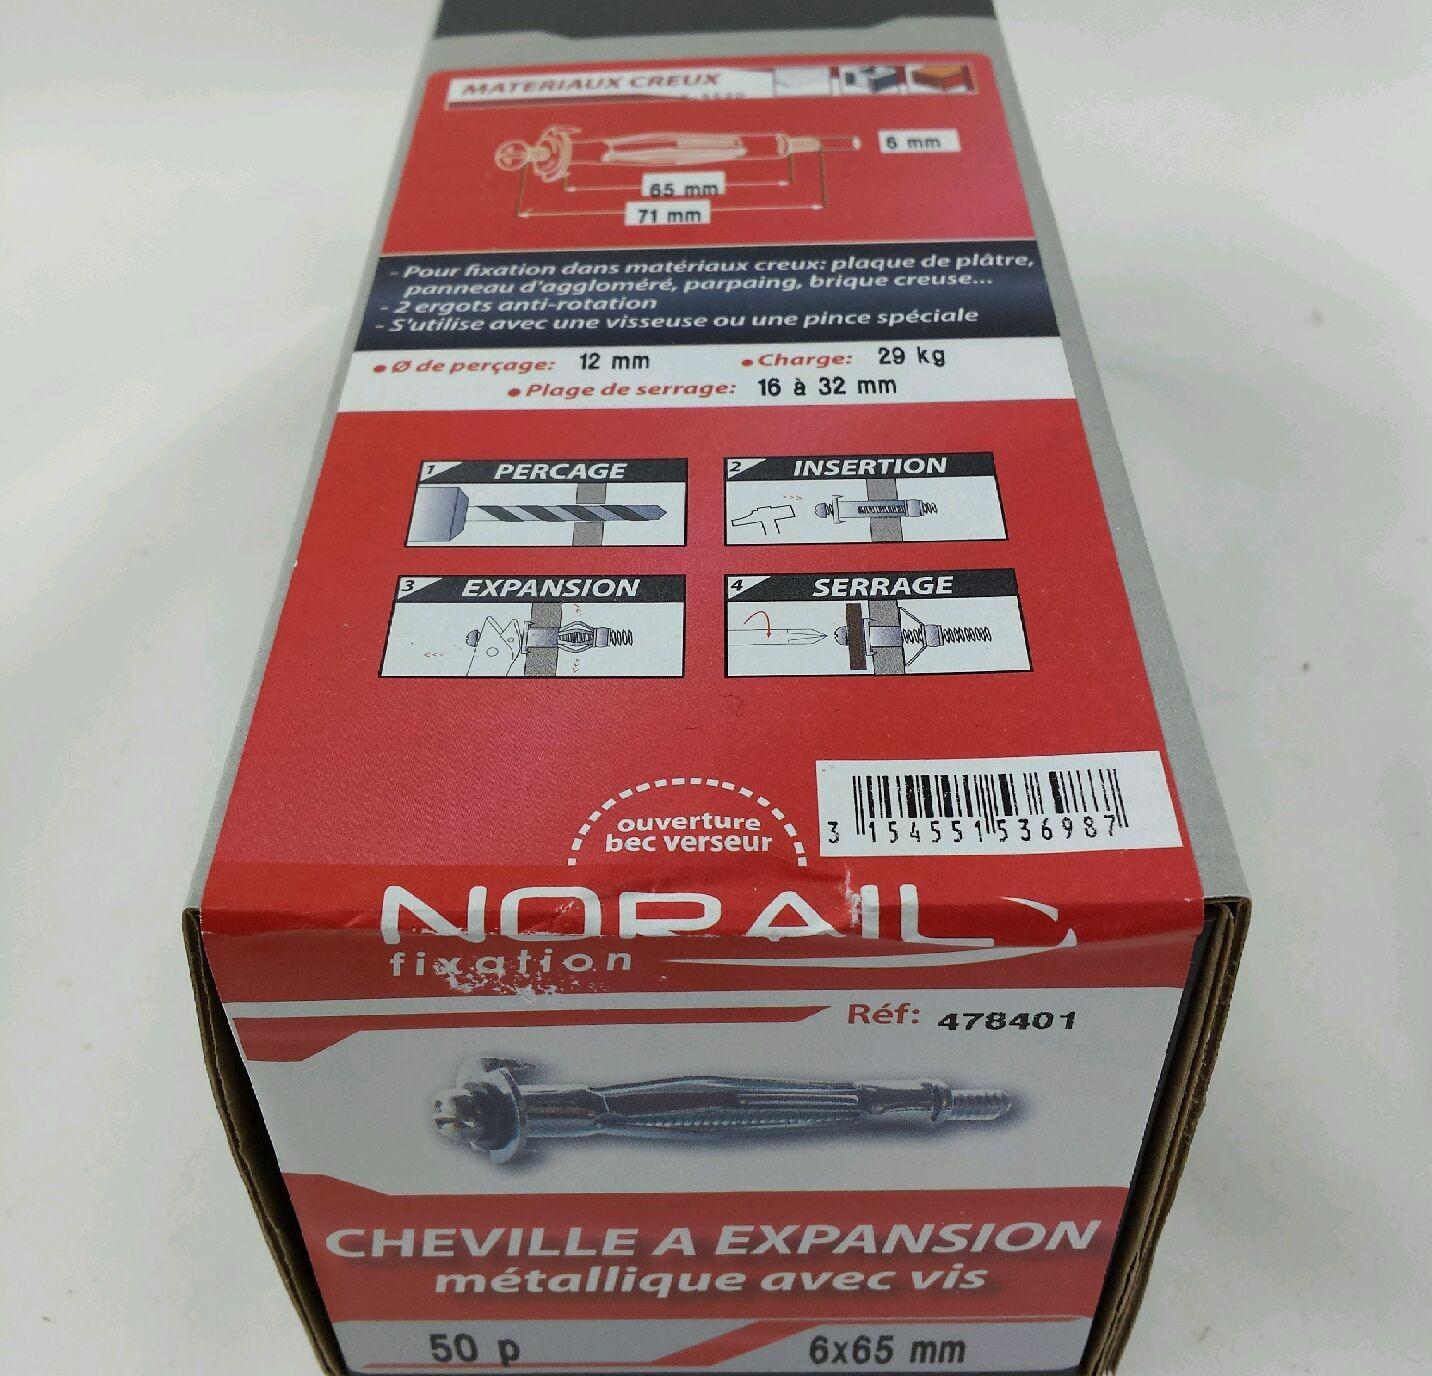 Cheville a expansion l65xdi6mm - Cheville a expansion ...